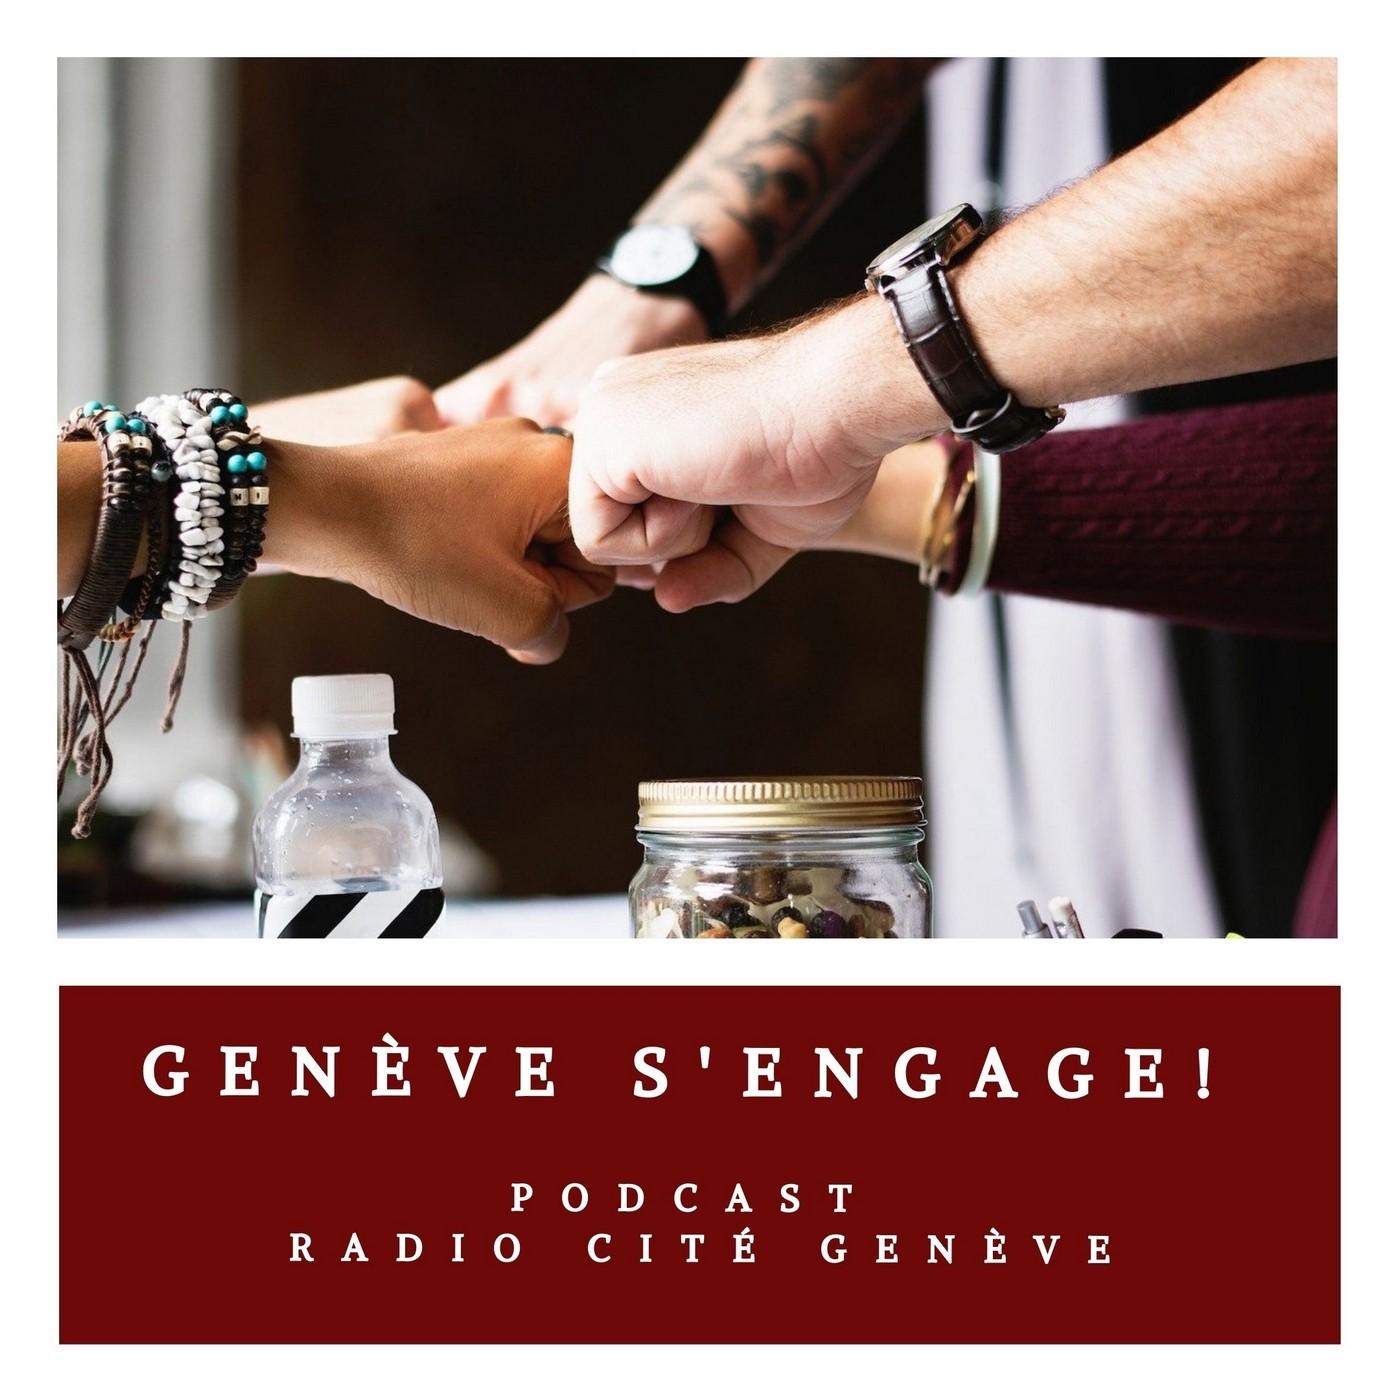 01/03/2021 - Genève s'engage pour les médias locaux - desbibliothèques municipales de Genève